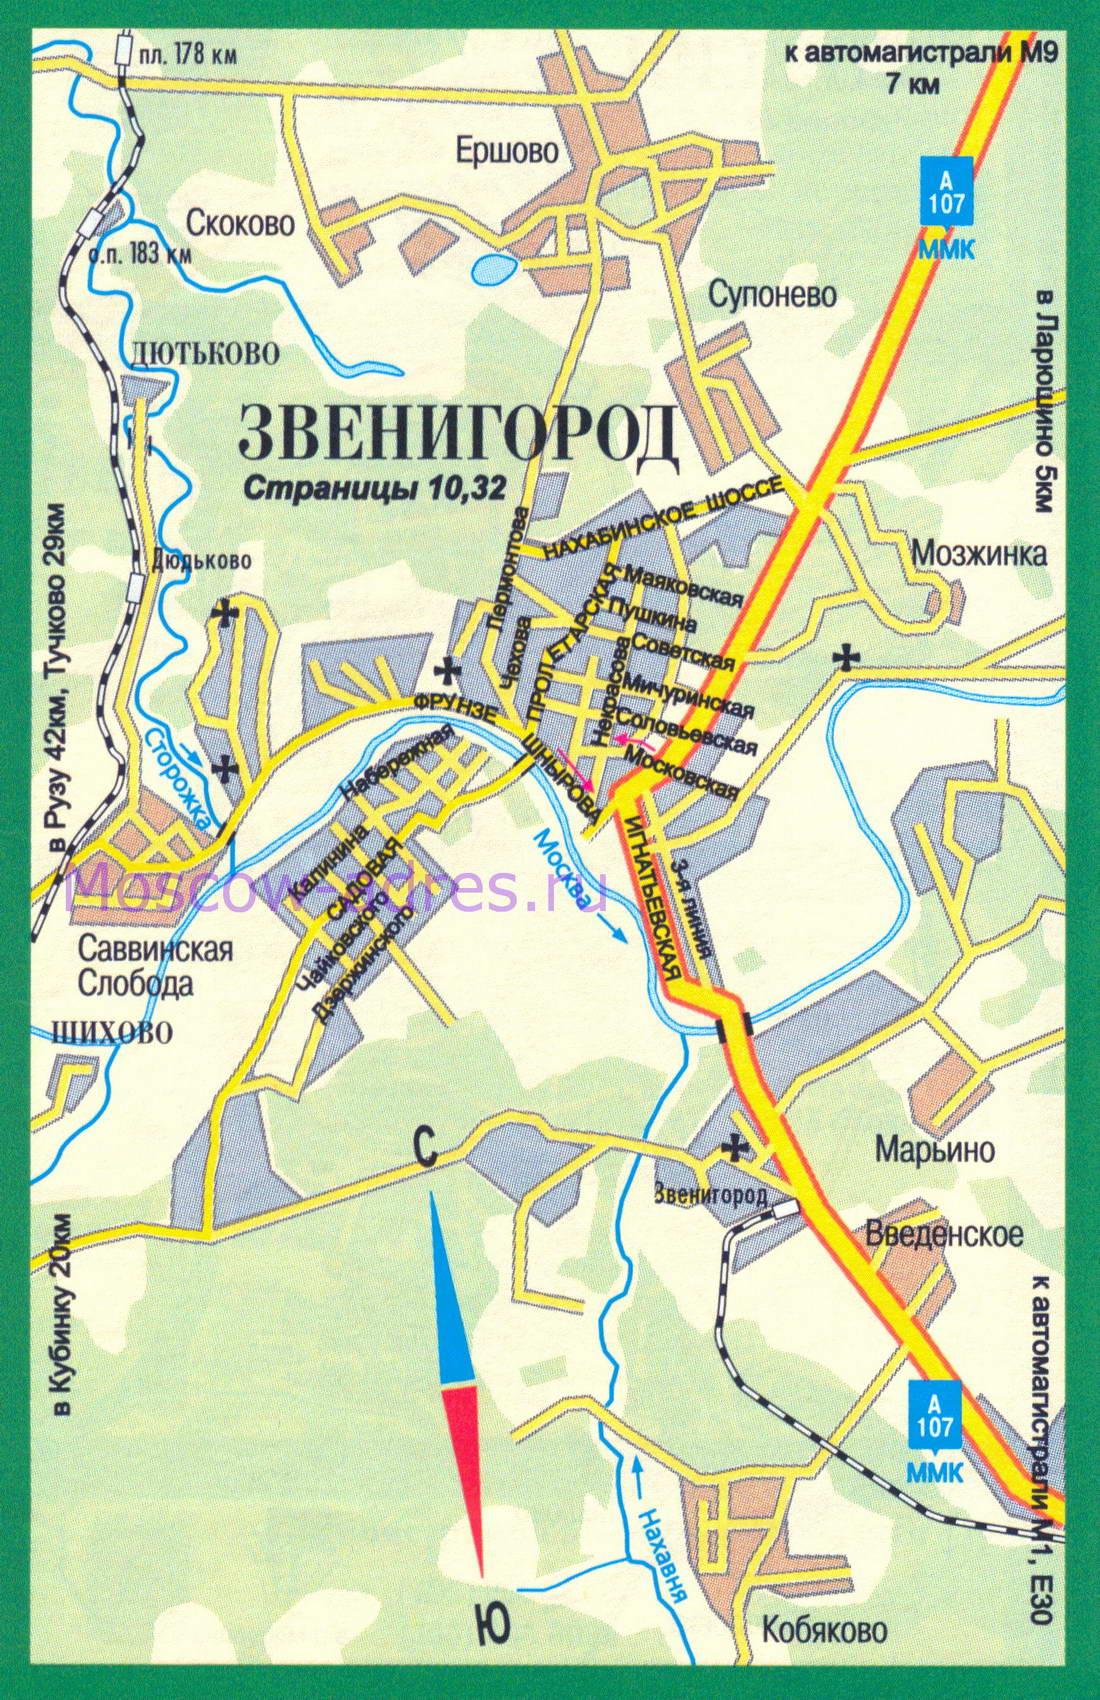 Щит, московская область, звенигород г, ул игнатьевская, напротив д112, выезд из города, сторона а